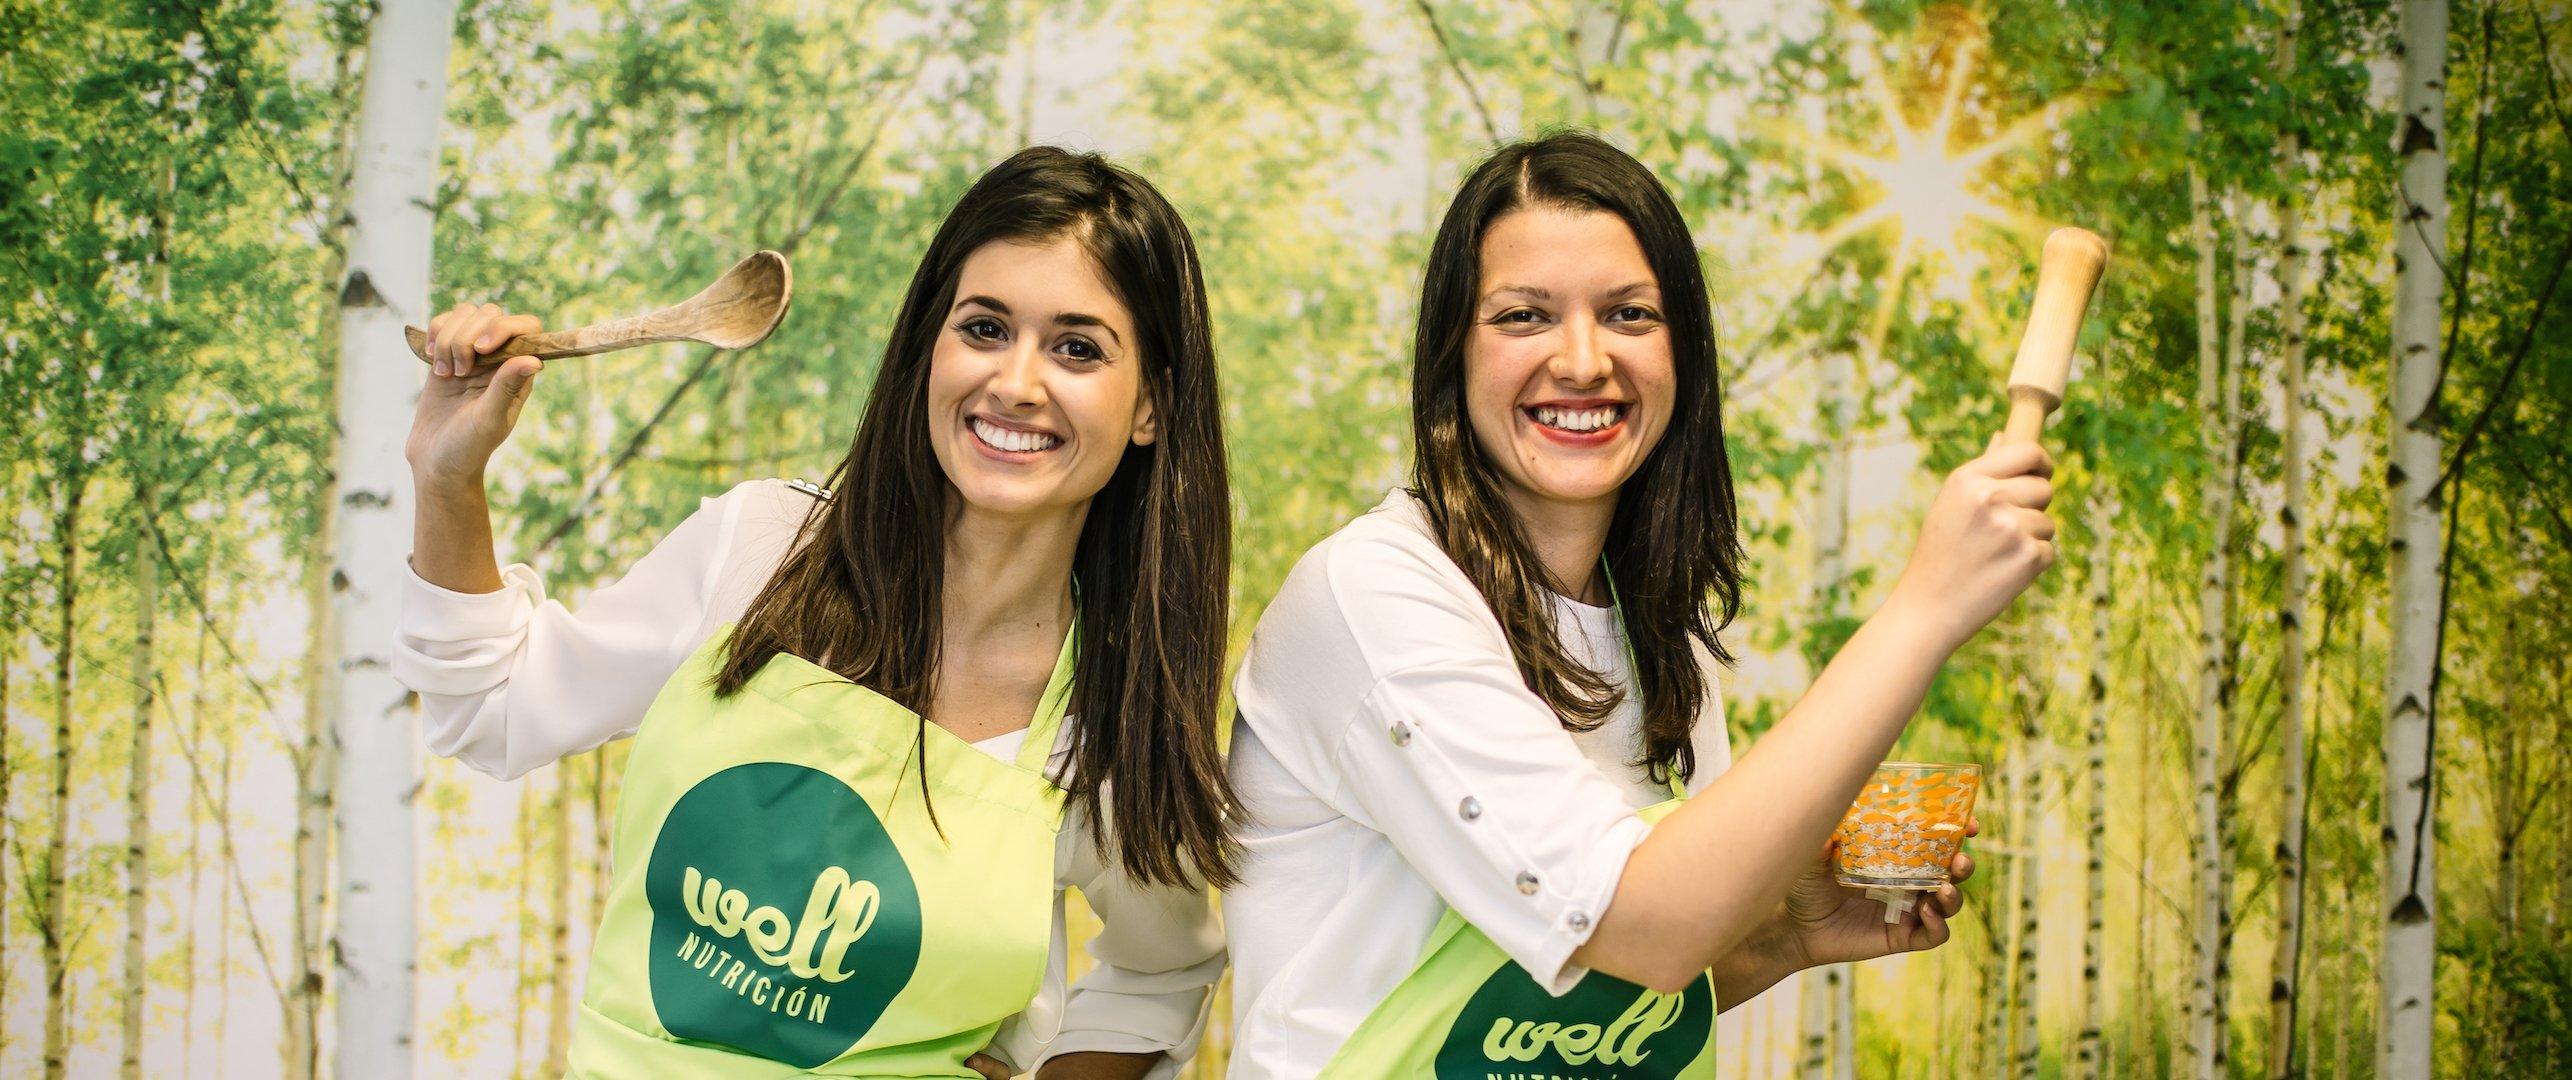 Well Nutrición | Dietistas-nutricionistas en Alicante y Elche